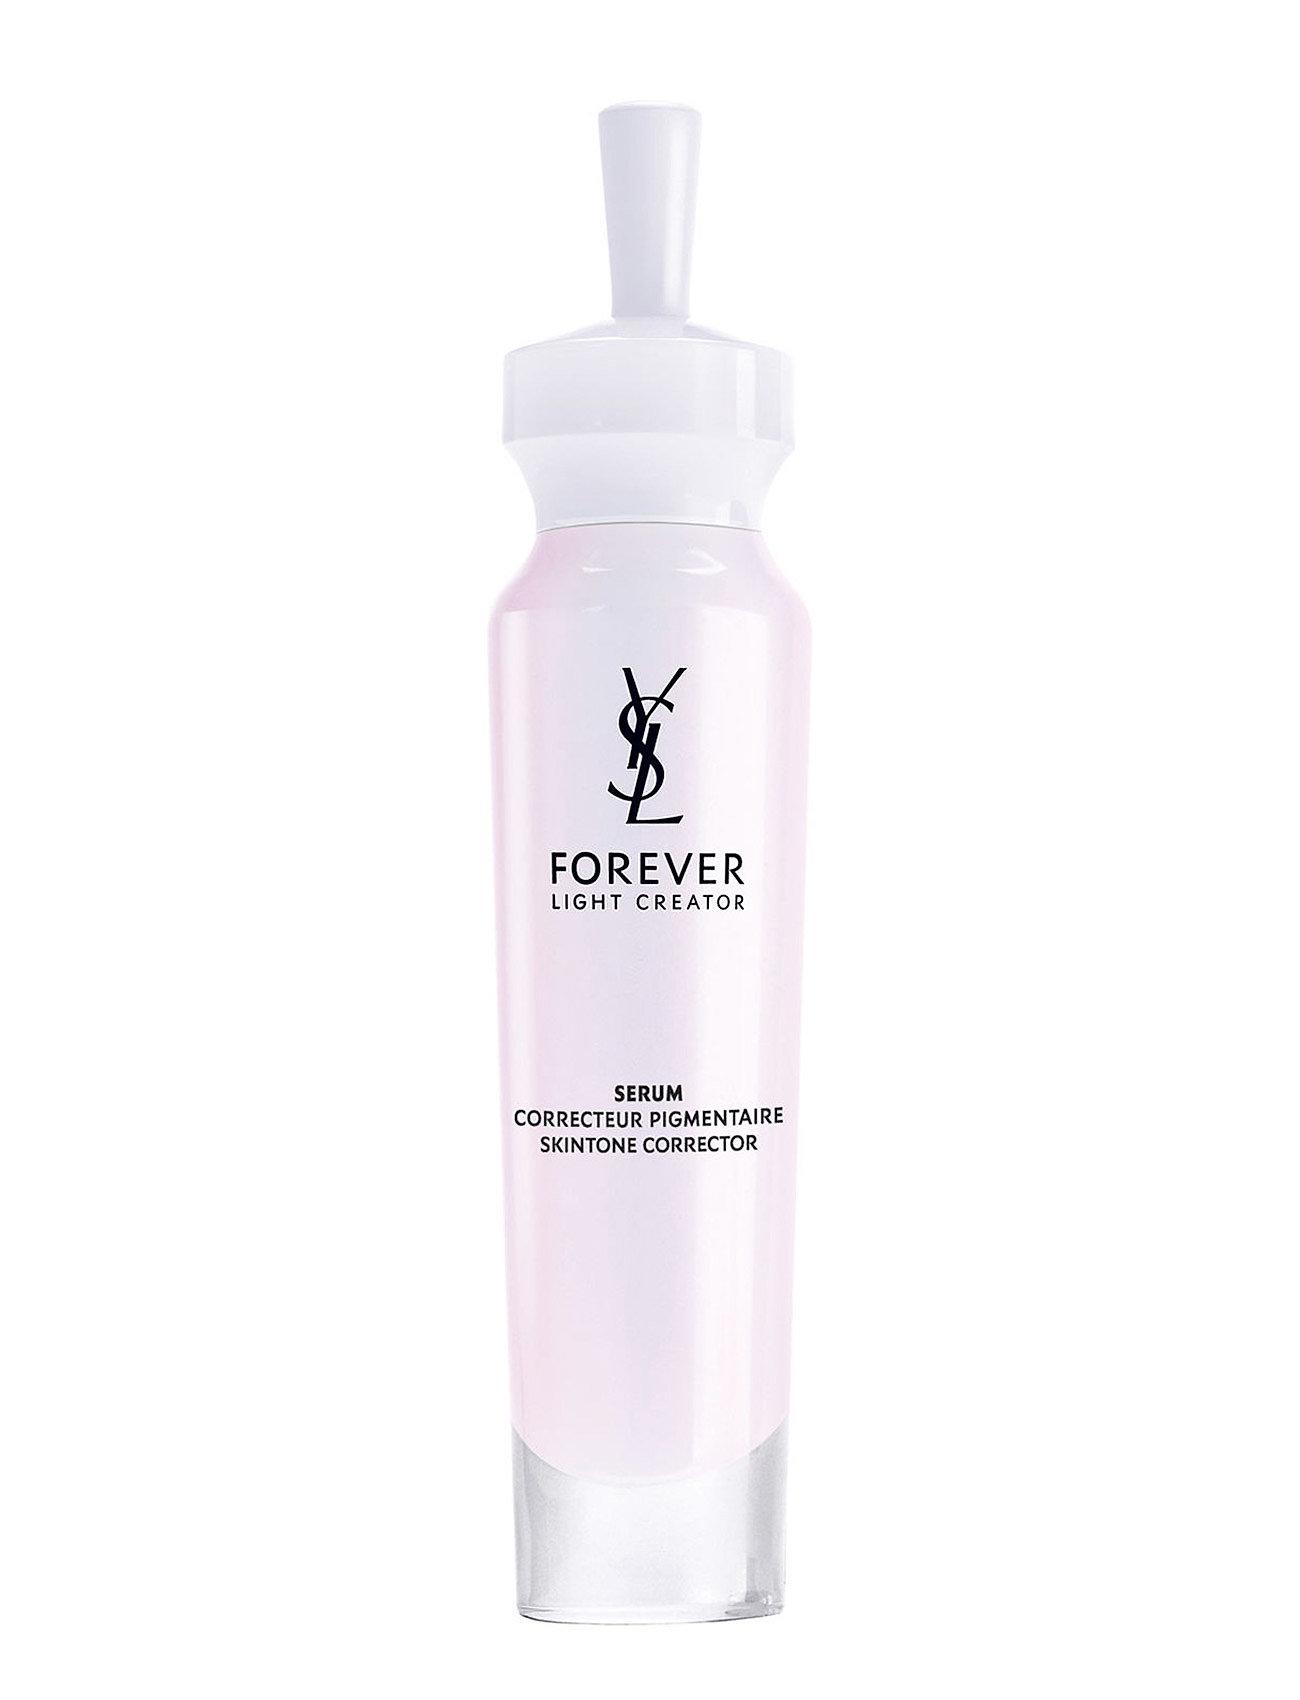 Forever light creator skintone corrector serum 30 ml. fra yves saint laurent på boozt.com dk